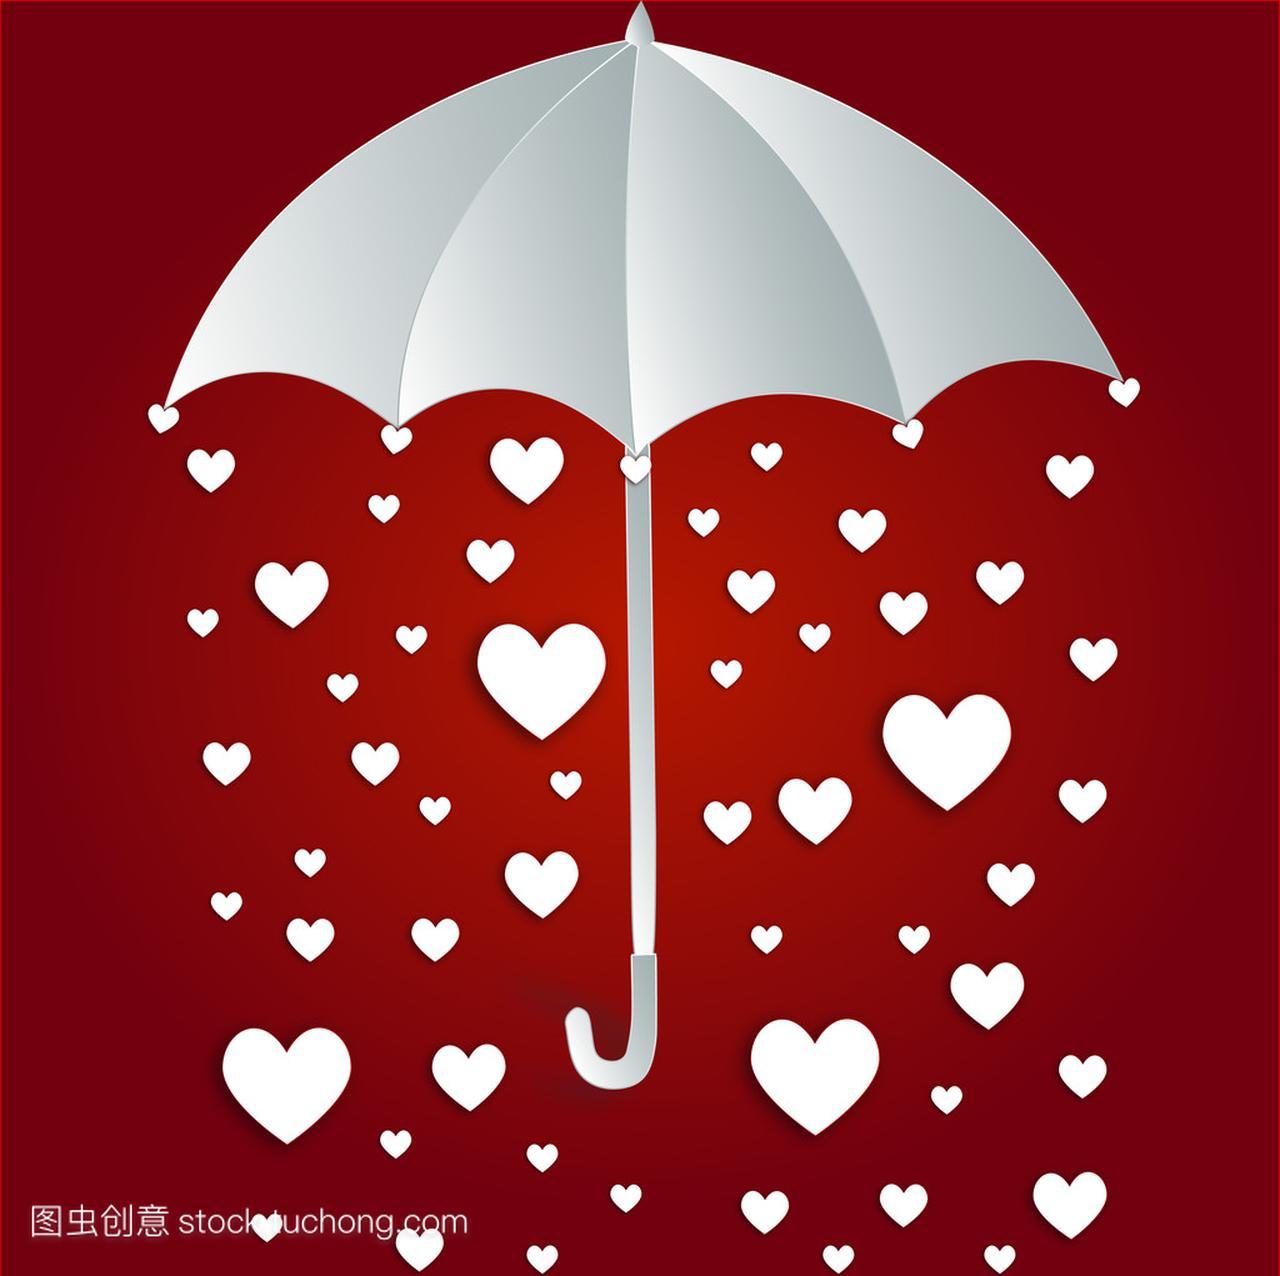 心风雨不透的伞